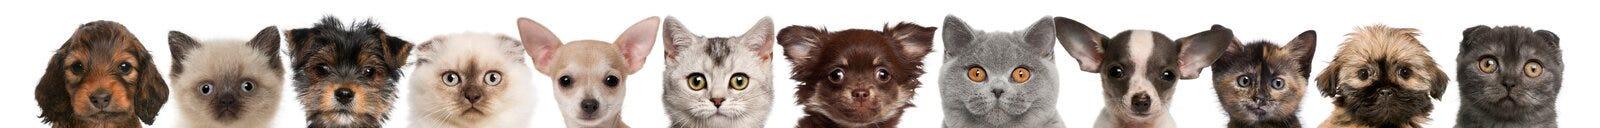 小狗和小猫头看法  免版税图库摄影